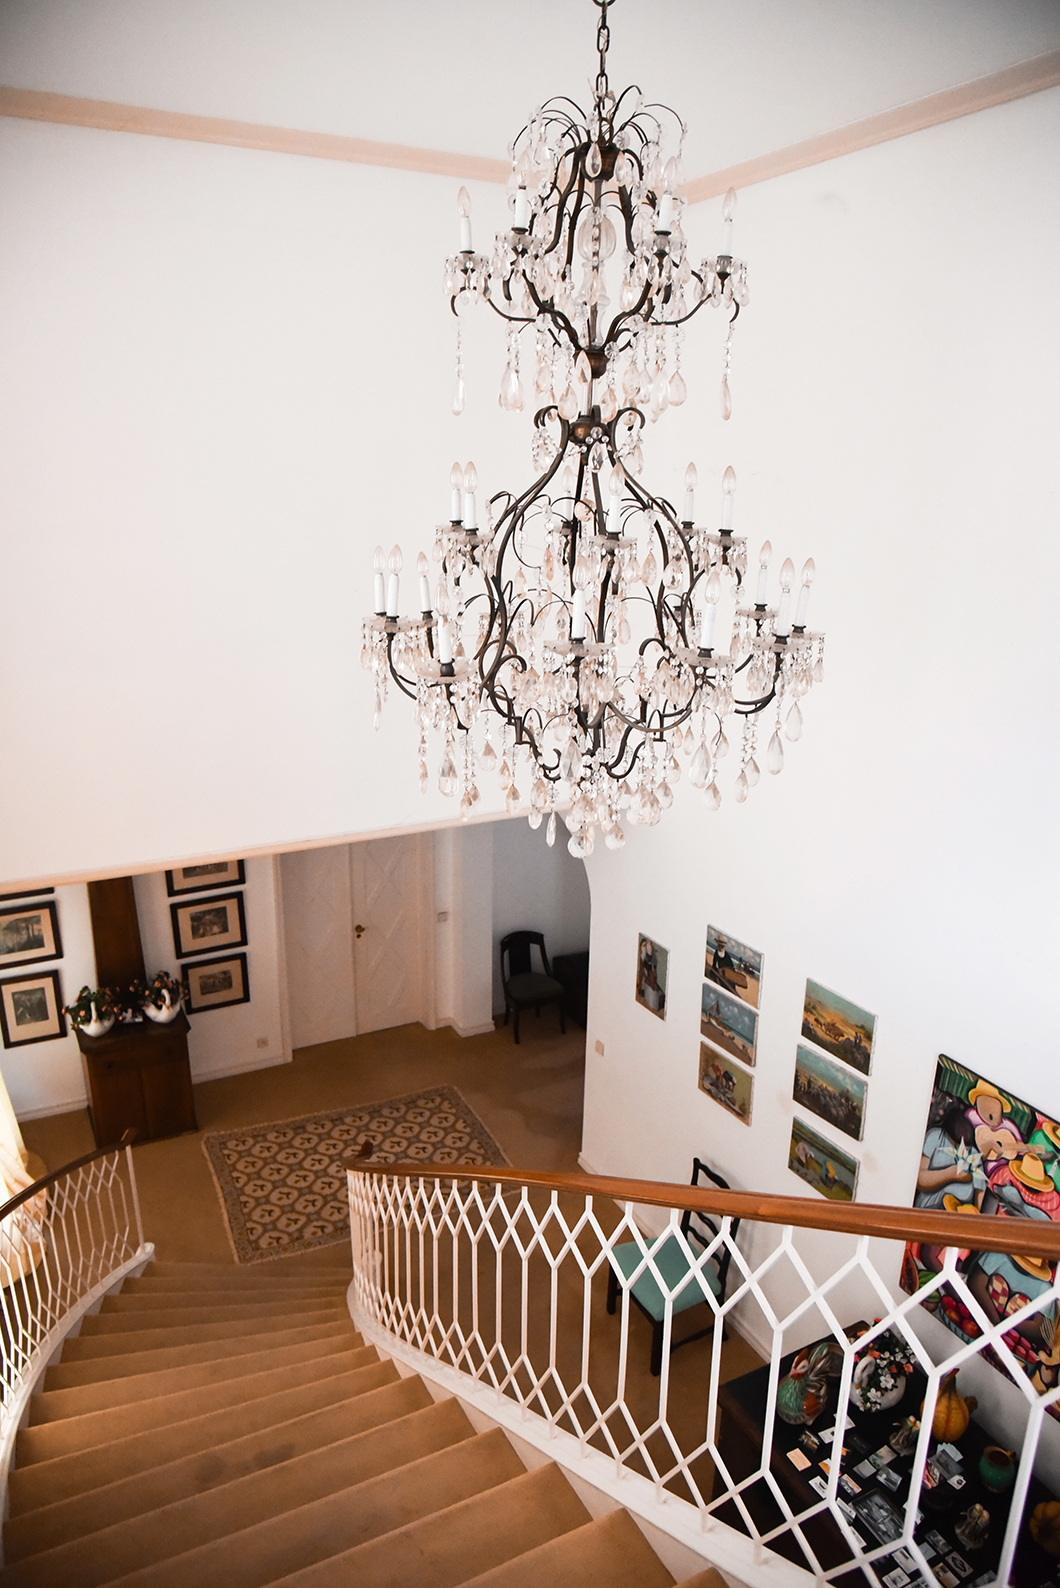 Notre airbnb à Sao Miguel dans les Açores